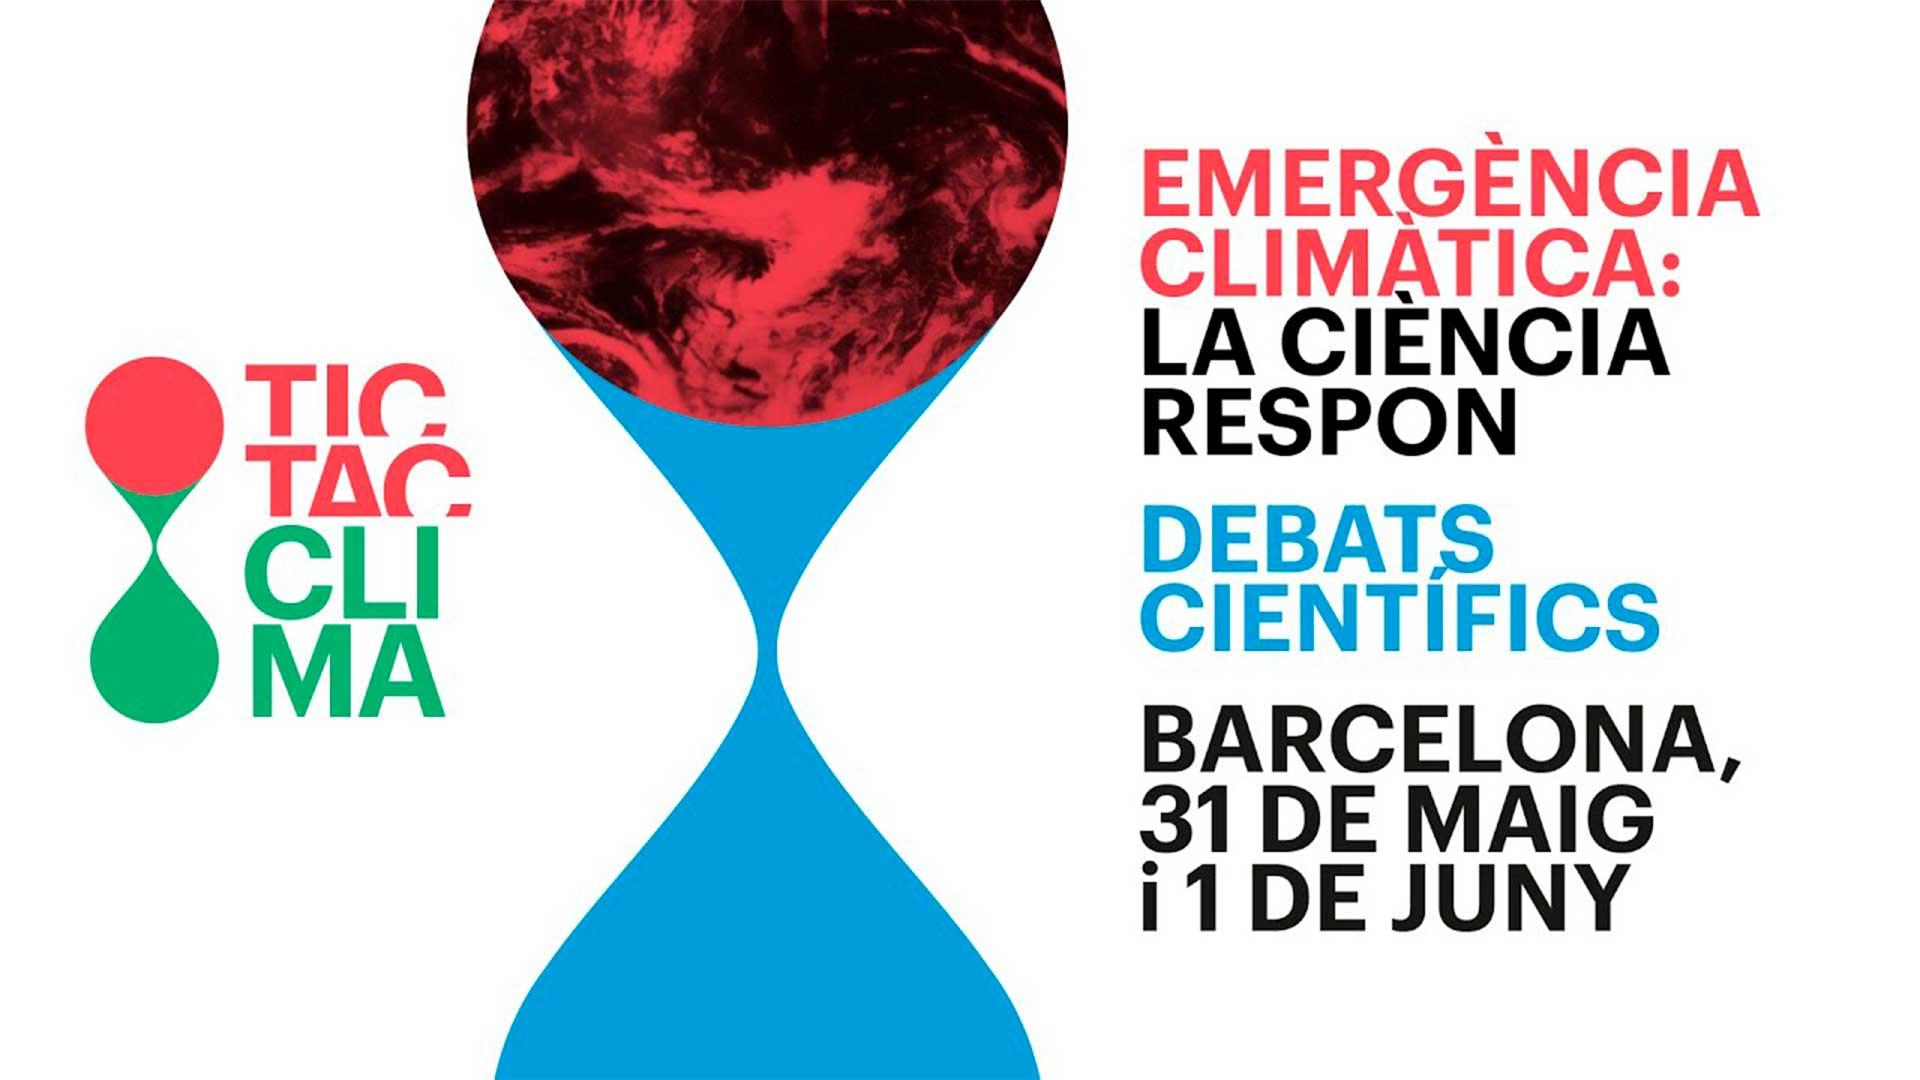 Joves Emergència Climàtica